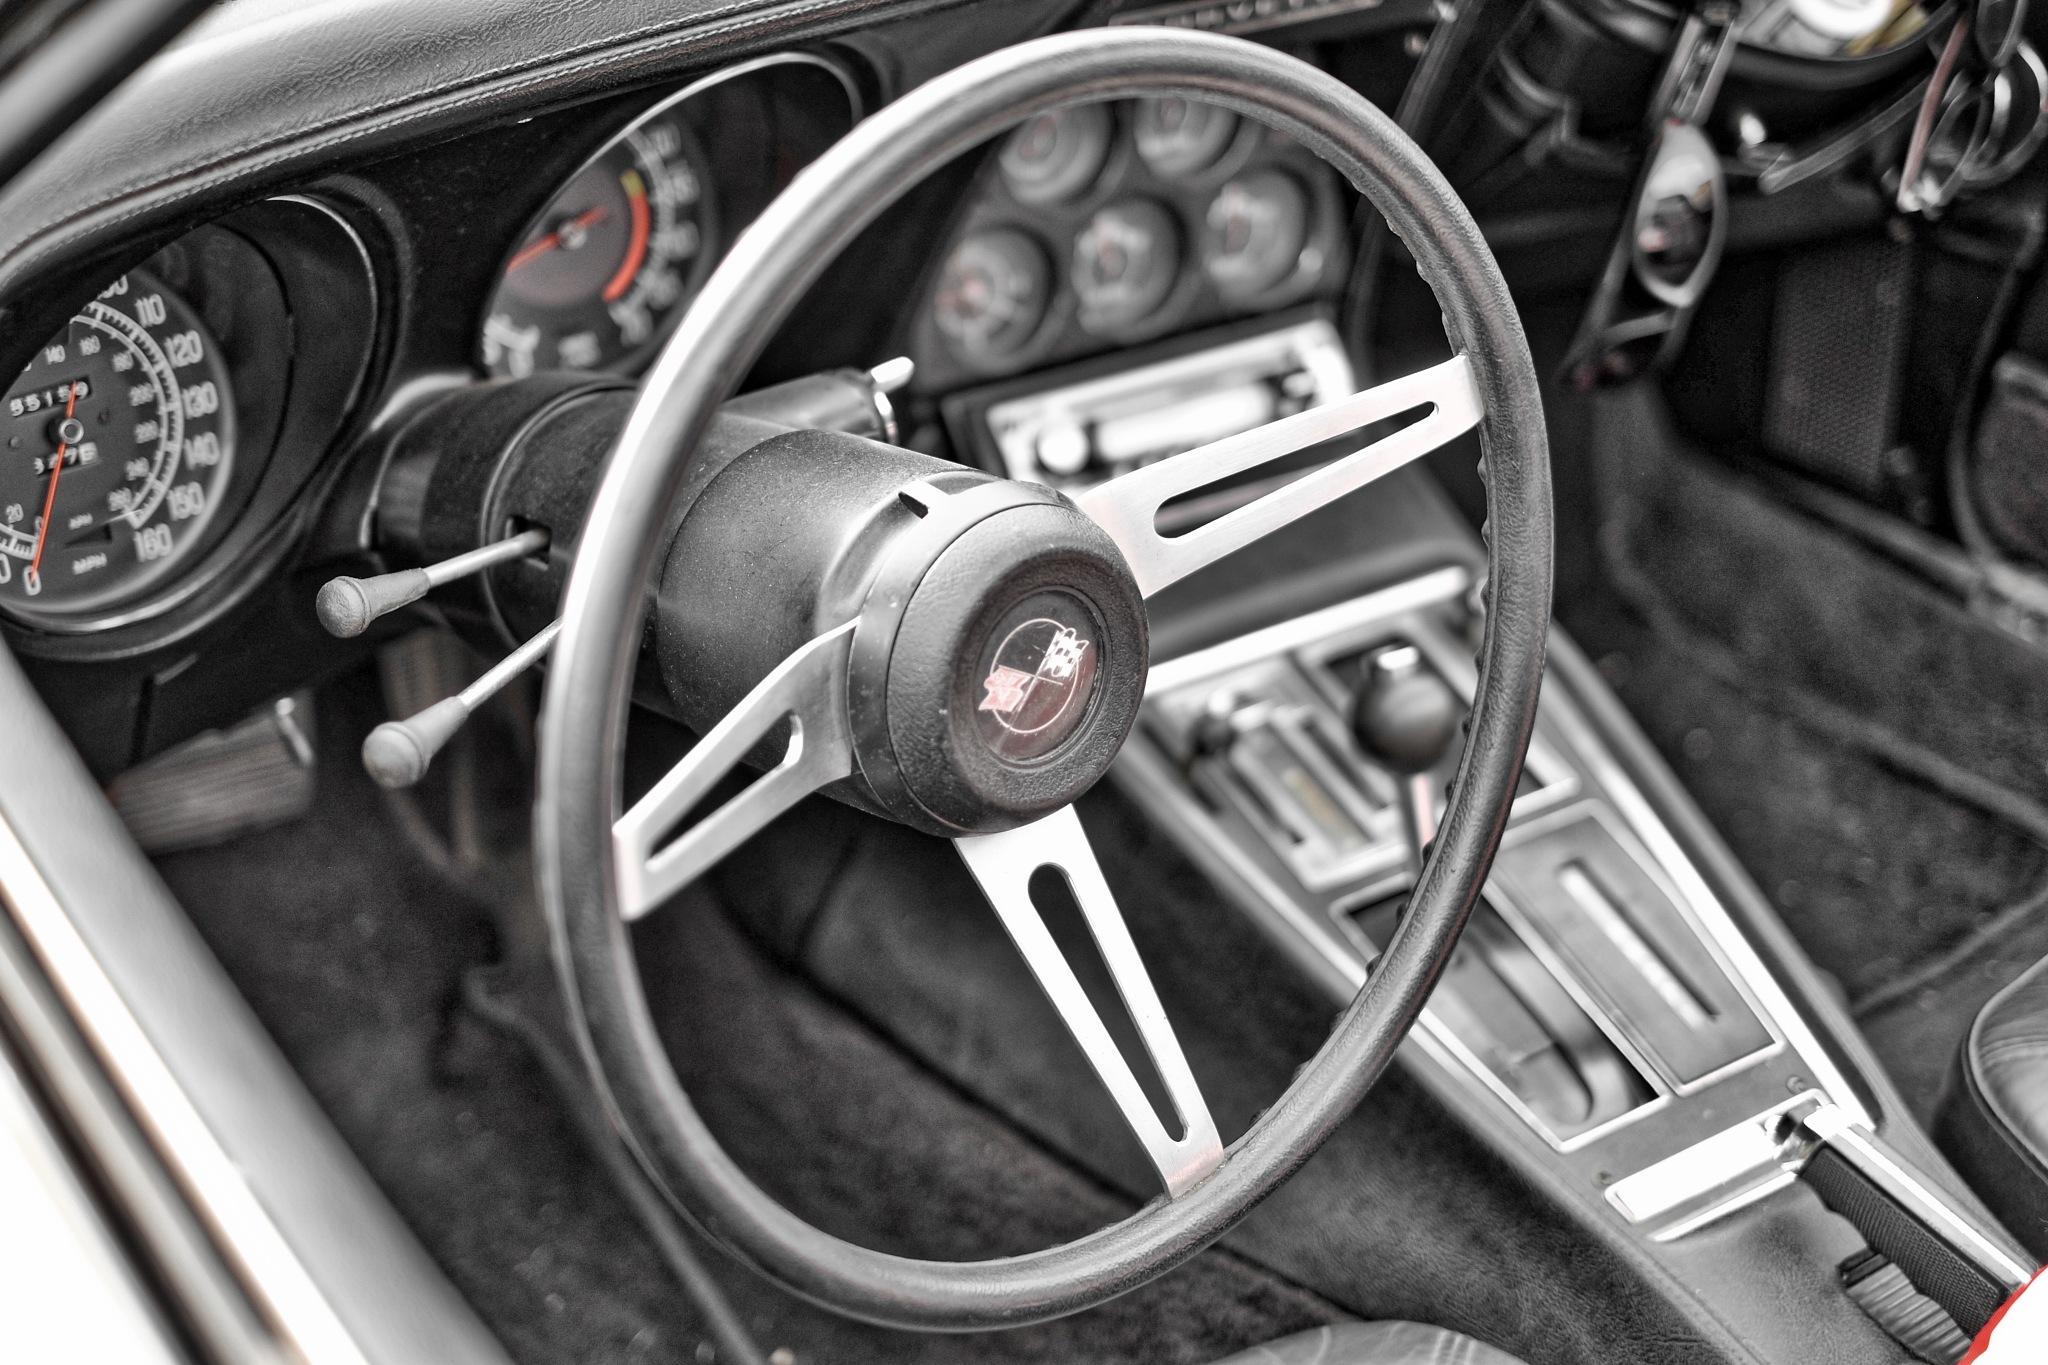 Drive by peterkryzun